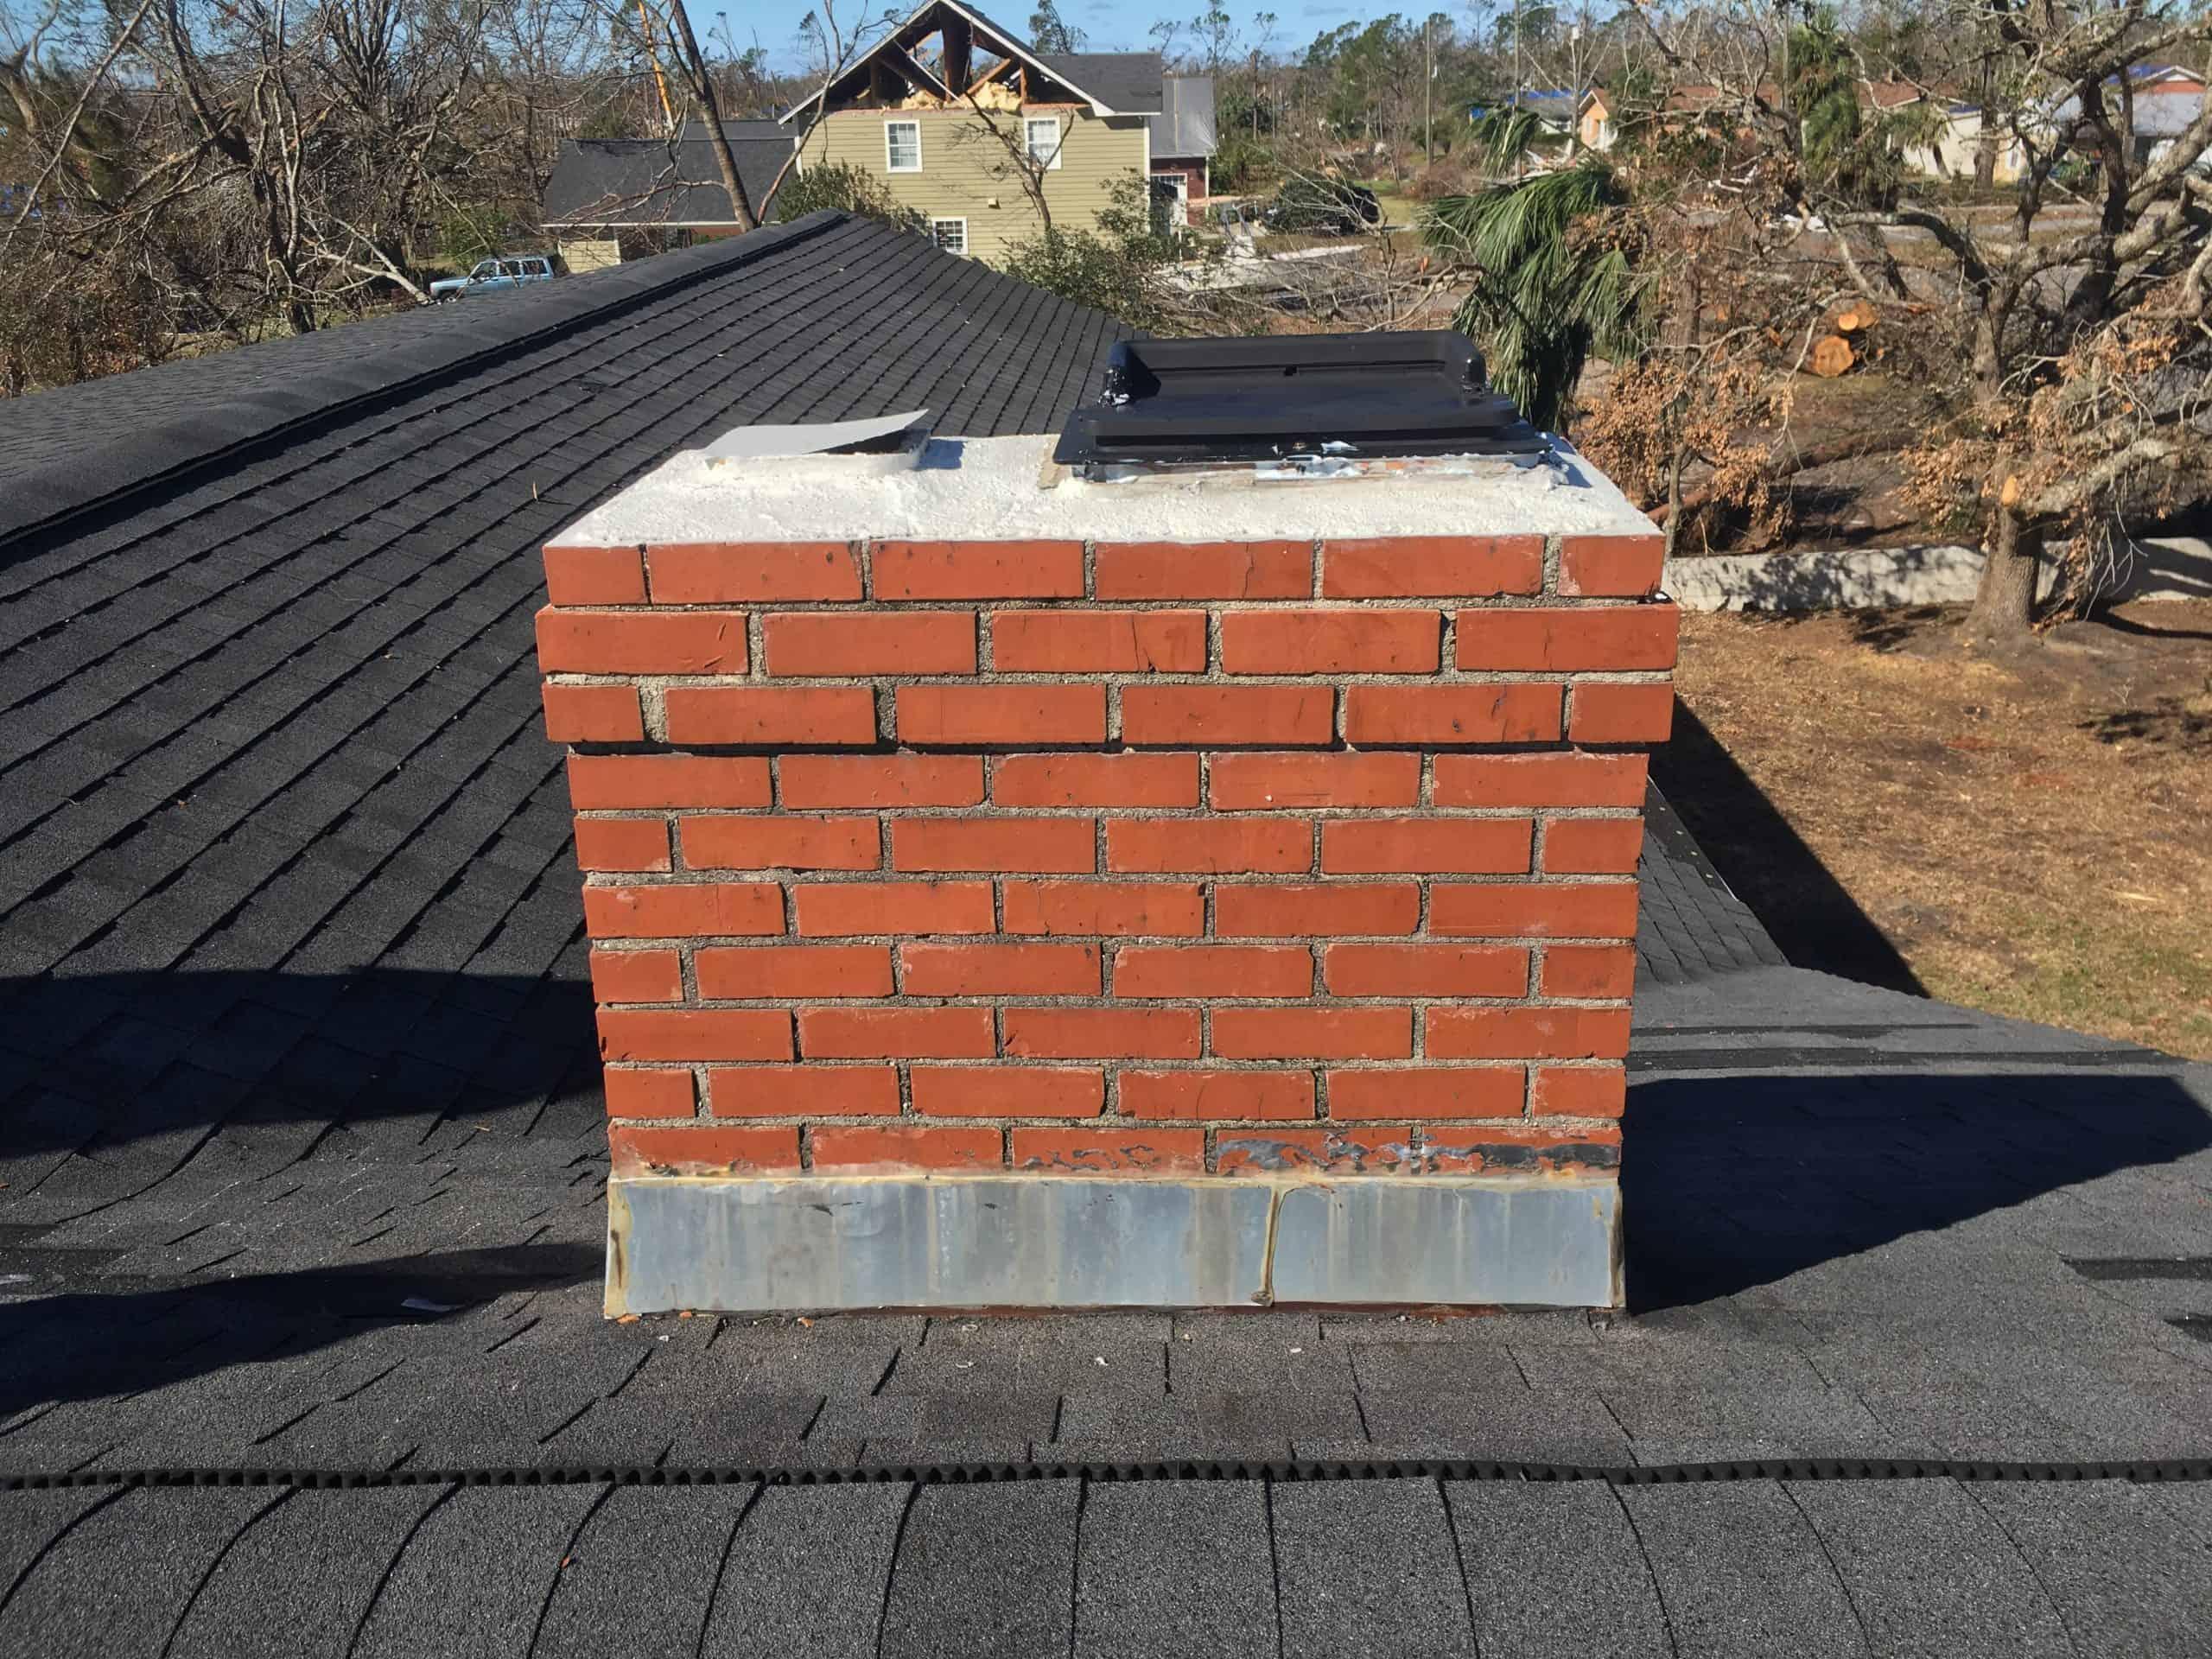 red brick chimney Warner Robins